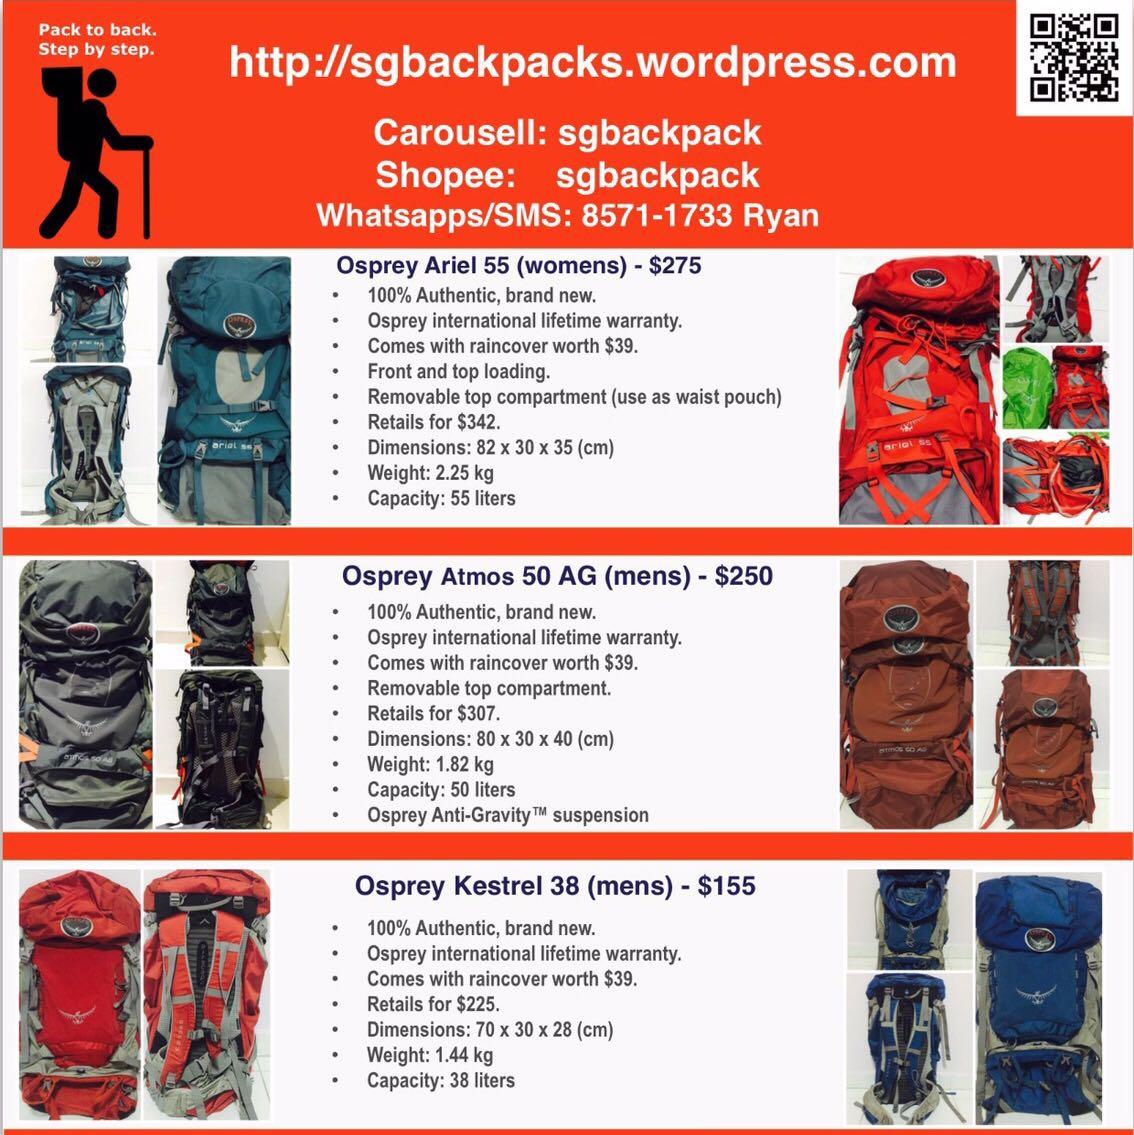 sgbackpack